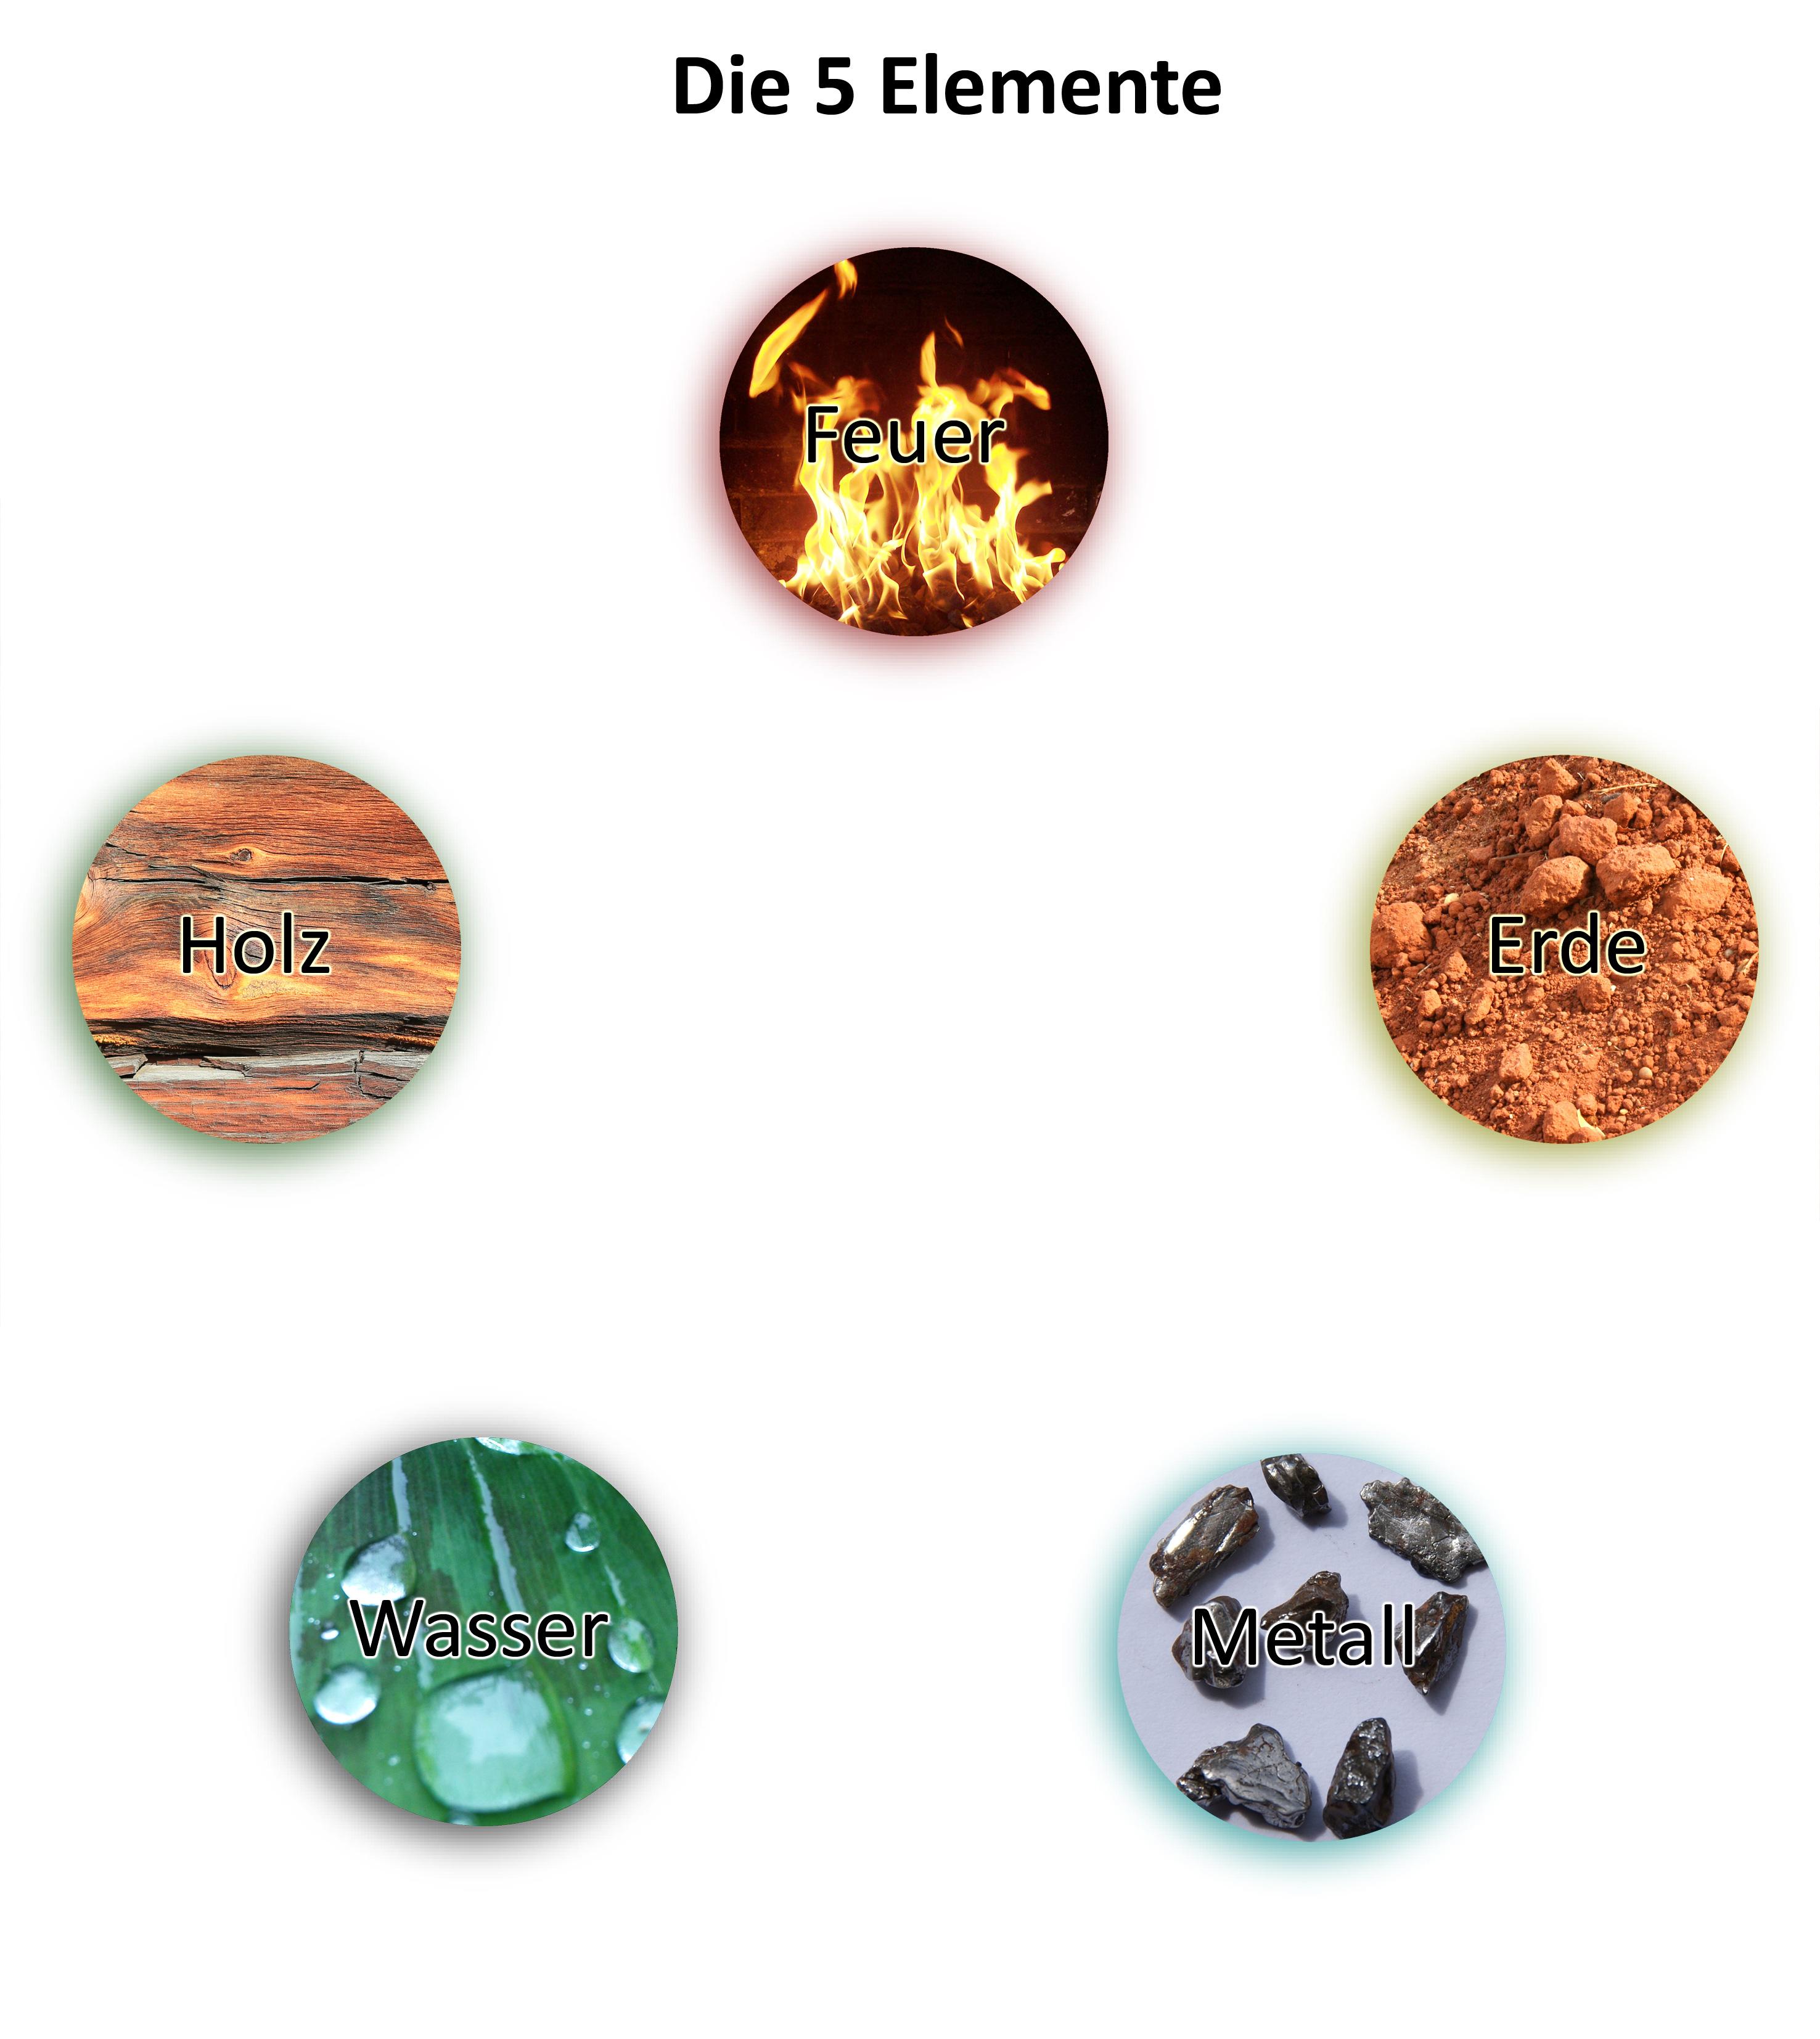 KI. Rummelsburg, man sieht Bilder von Holz, Feuer, Erde, Wasser, Metall